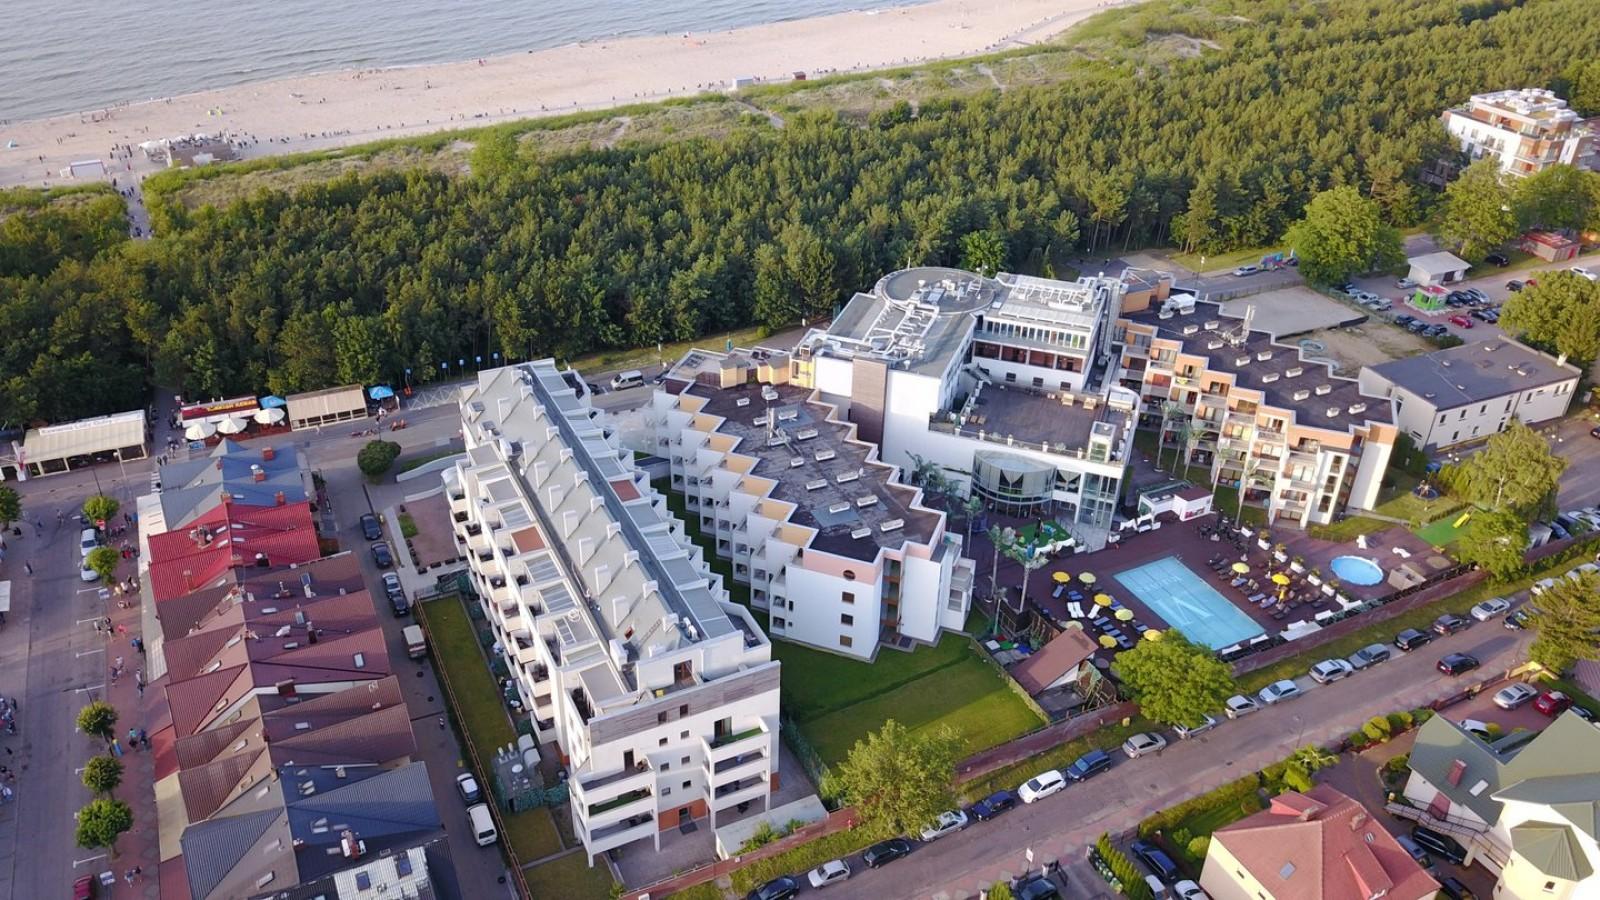 Widok z góry na hotel Maloves we Władysławowie